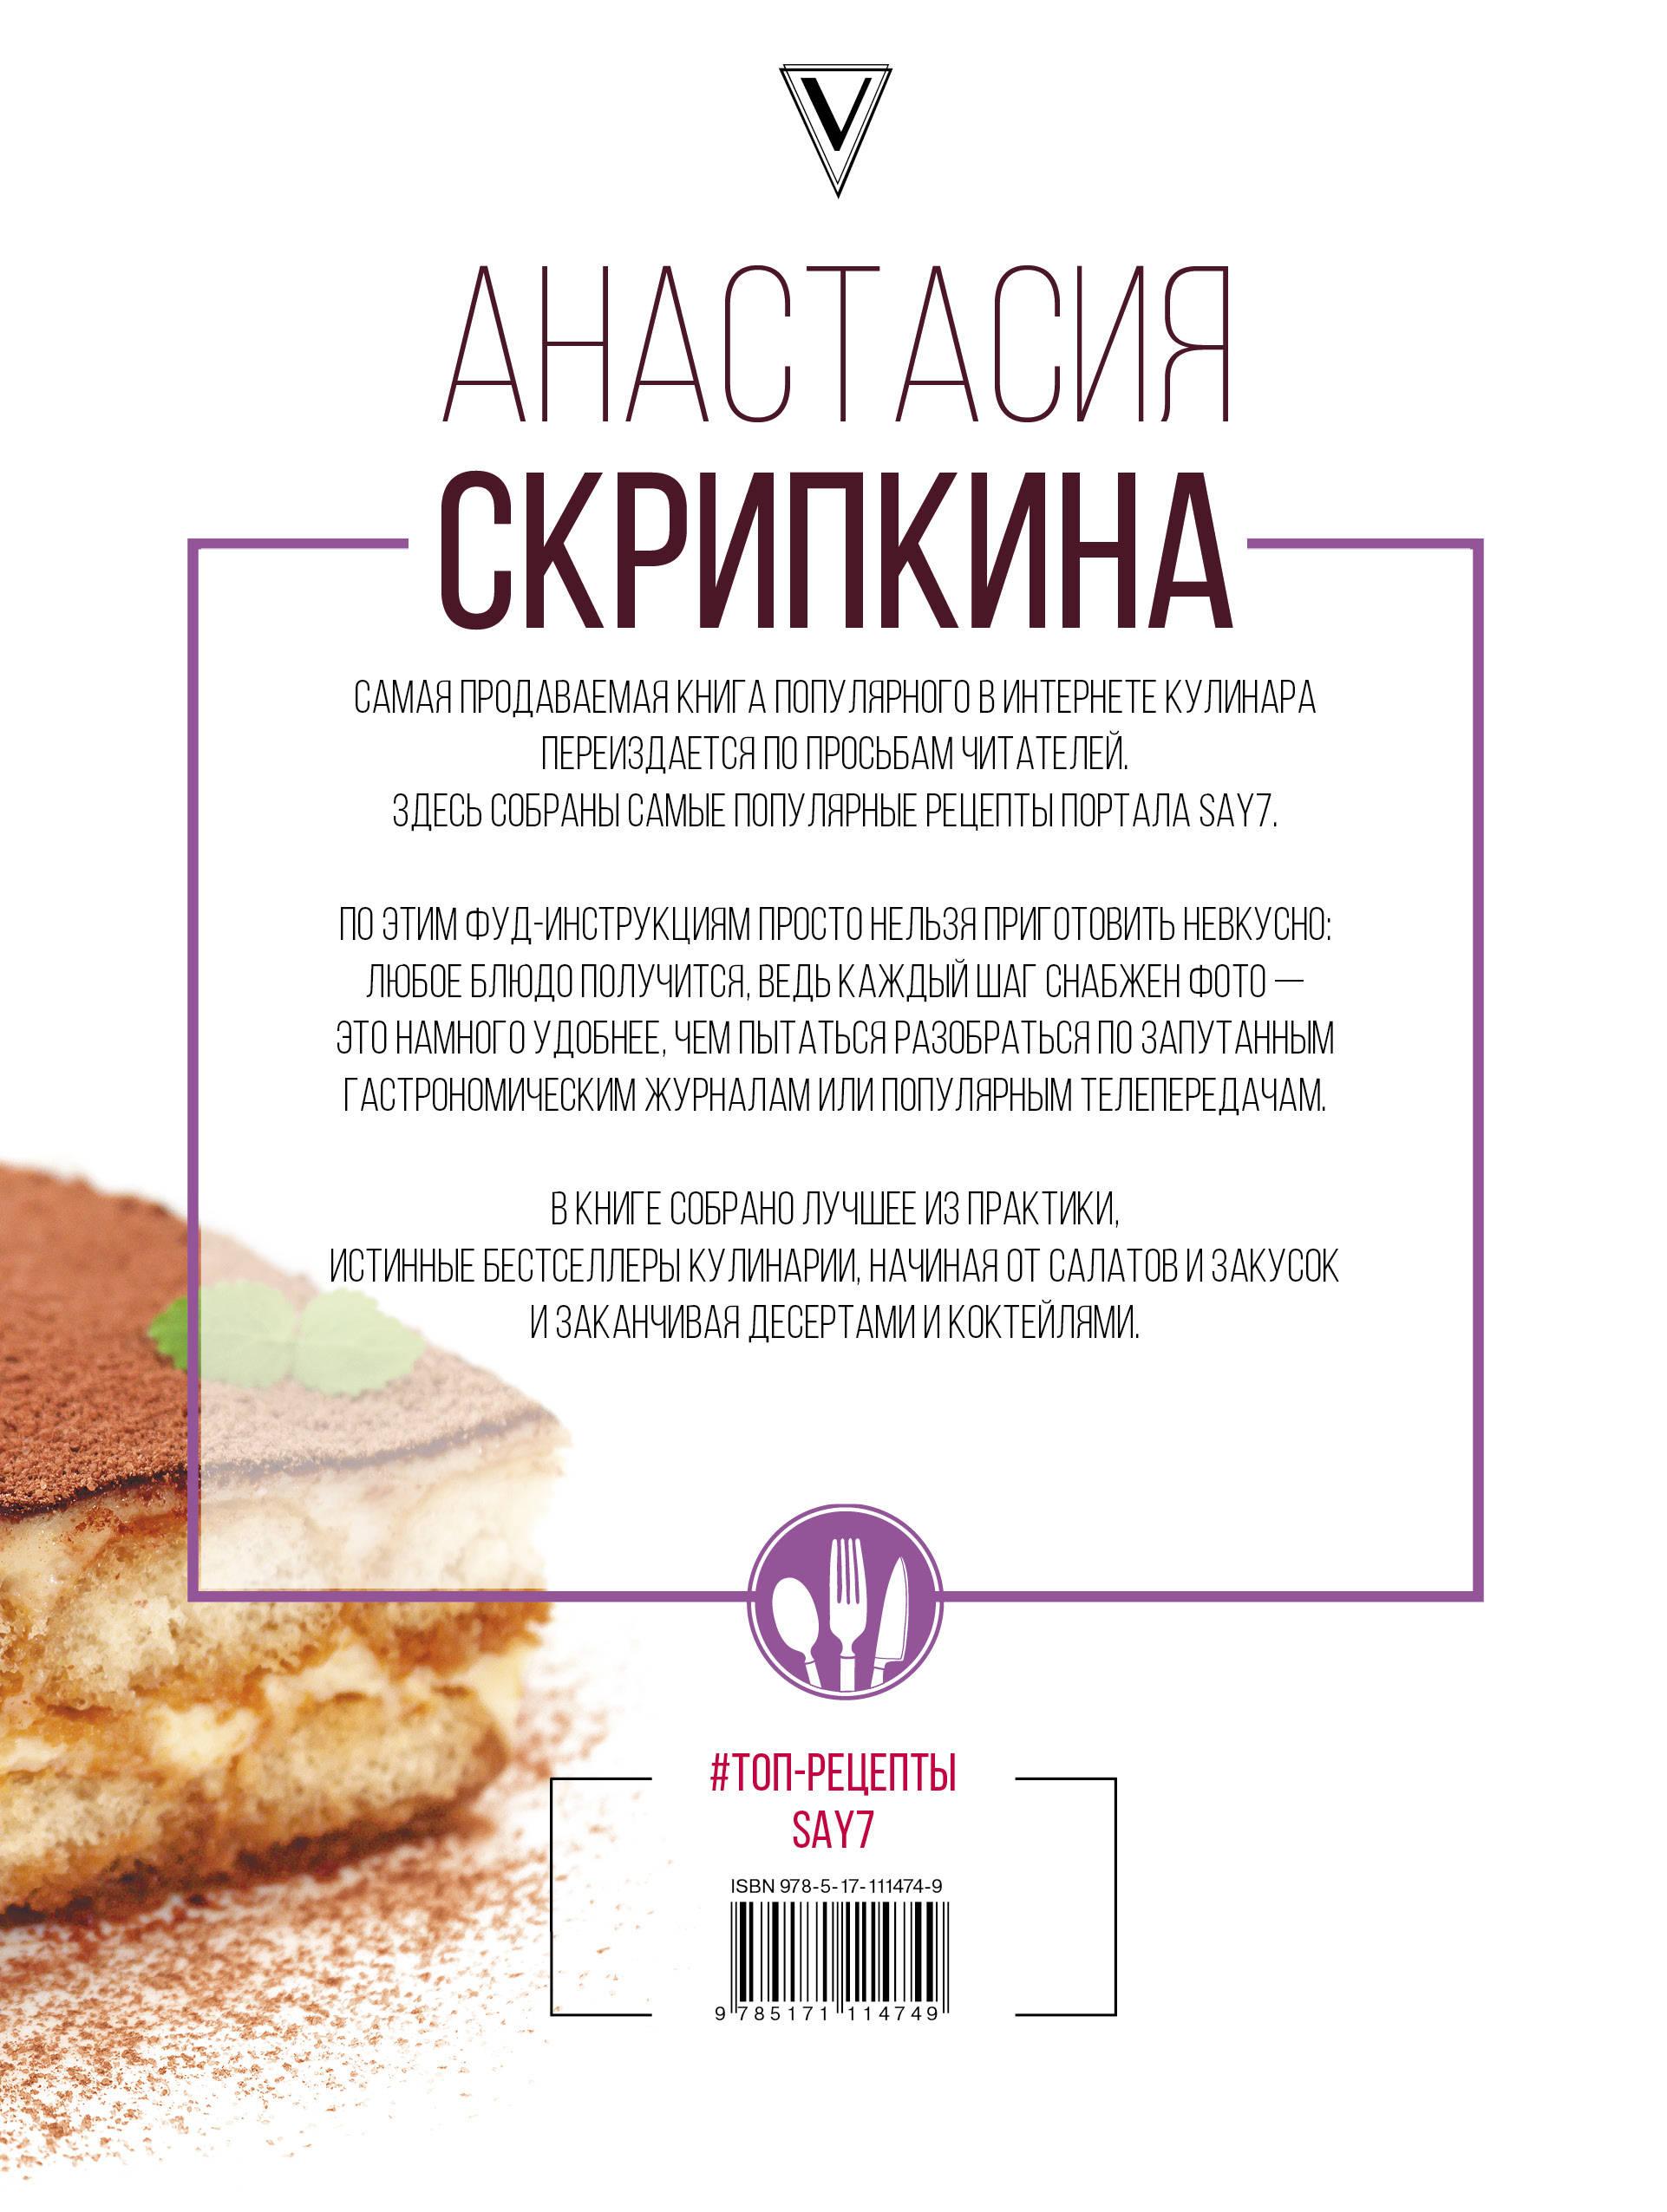 Книга #Топ-рецепты say7. А. Ю. Скрипкина